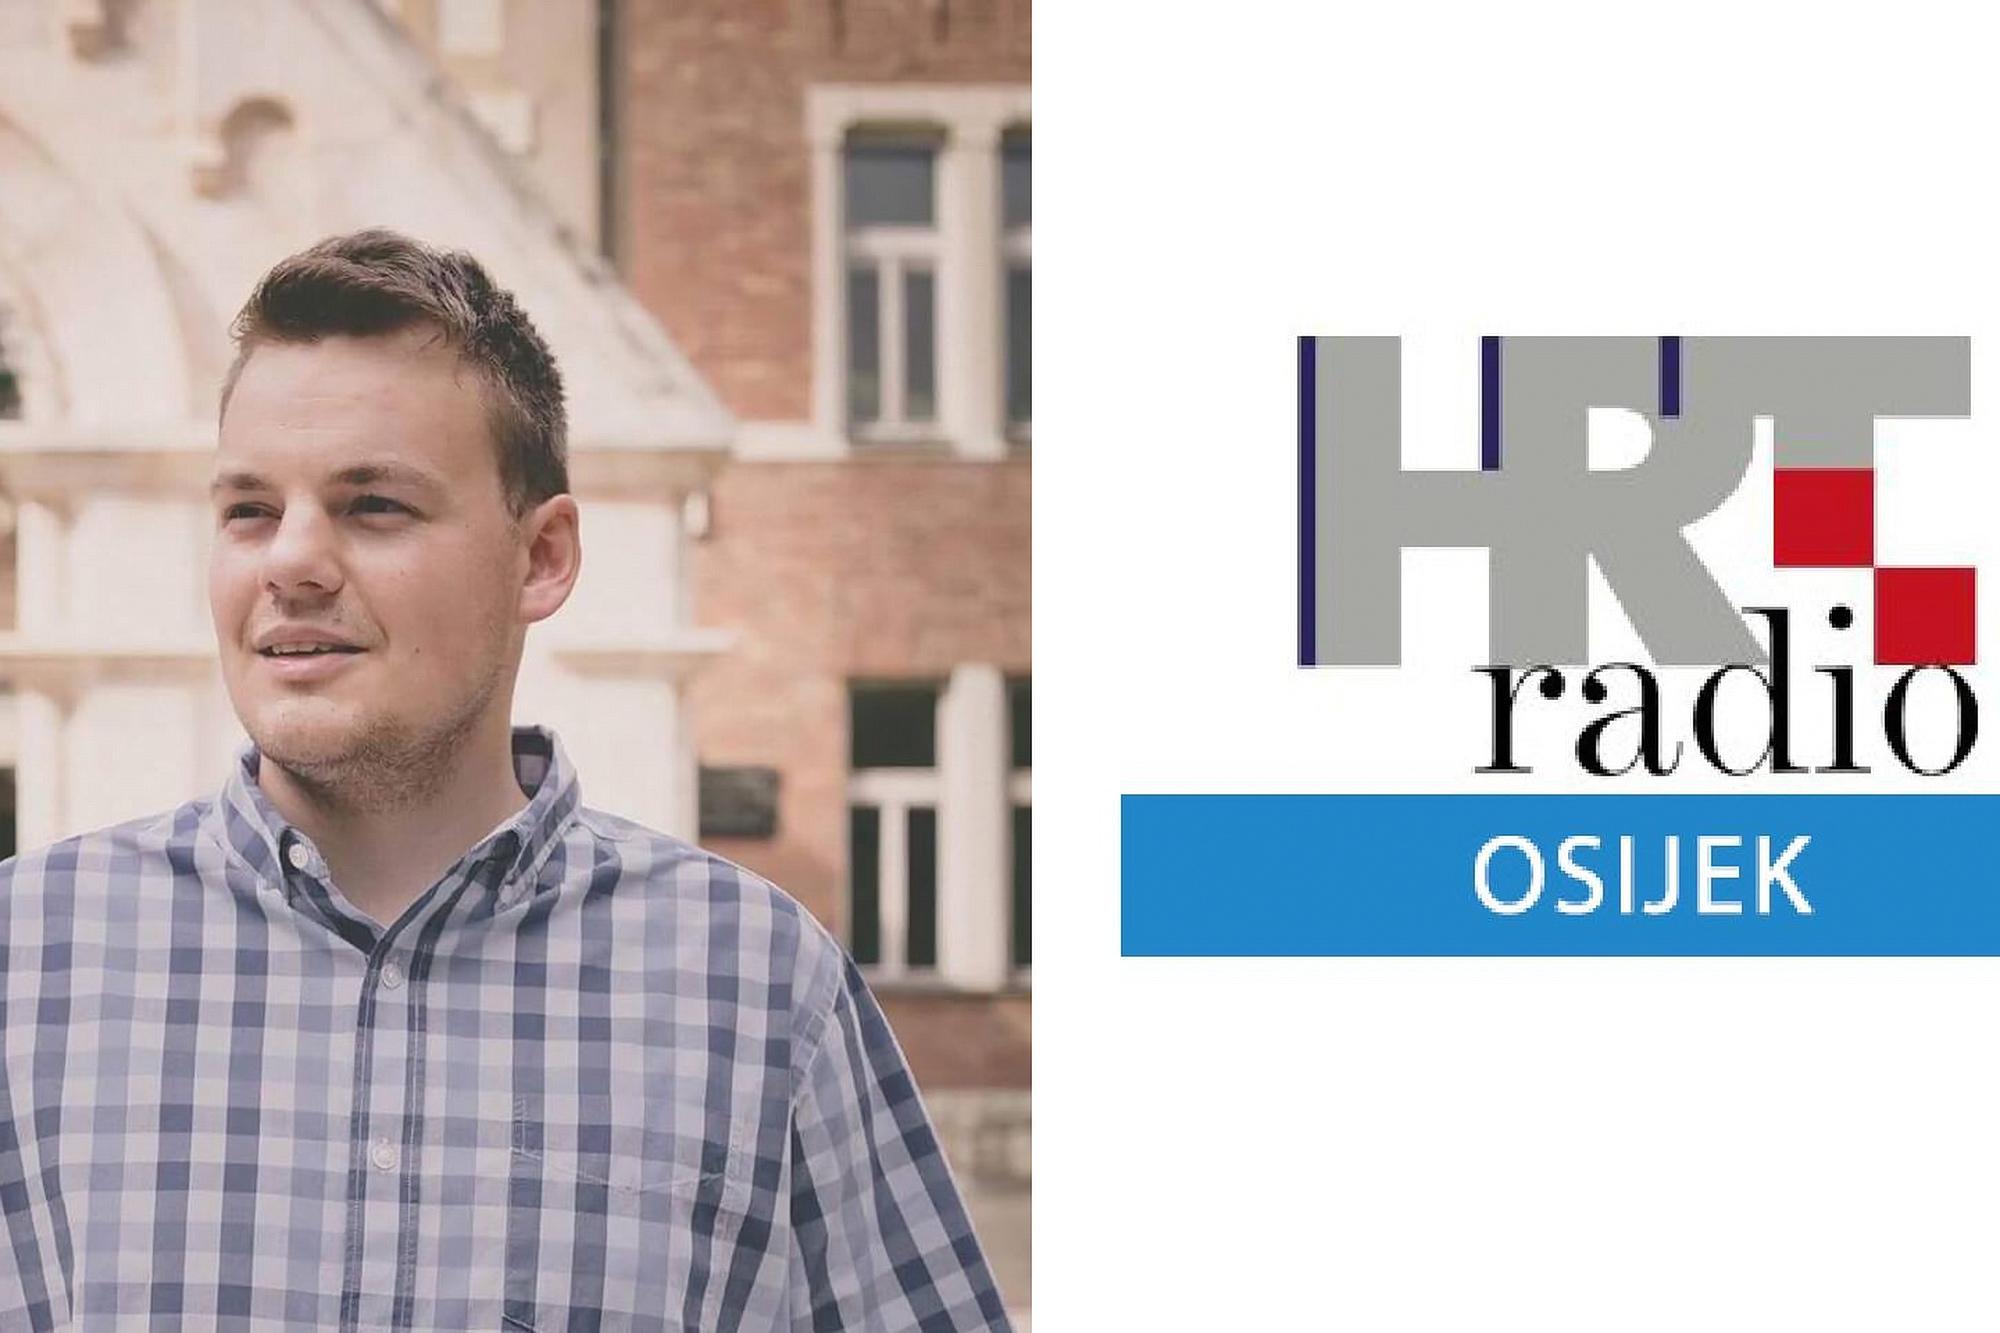 Az Eszéki Rádió interjúja Bencze Zsolttal